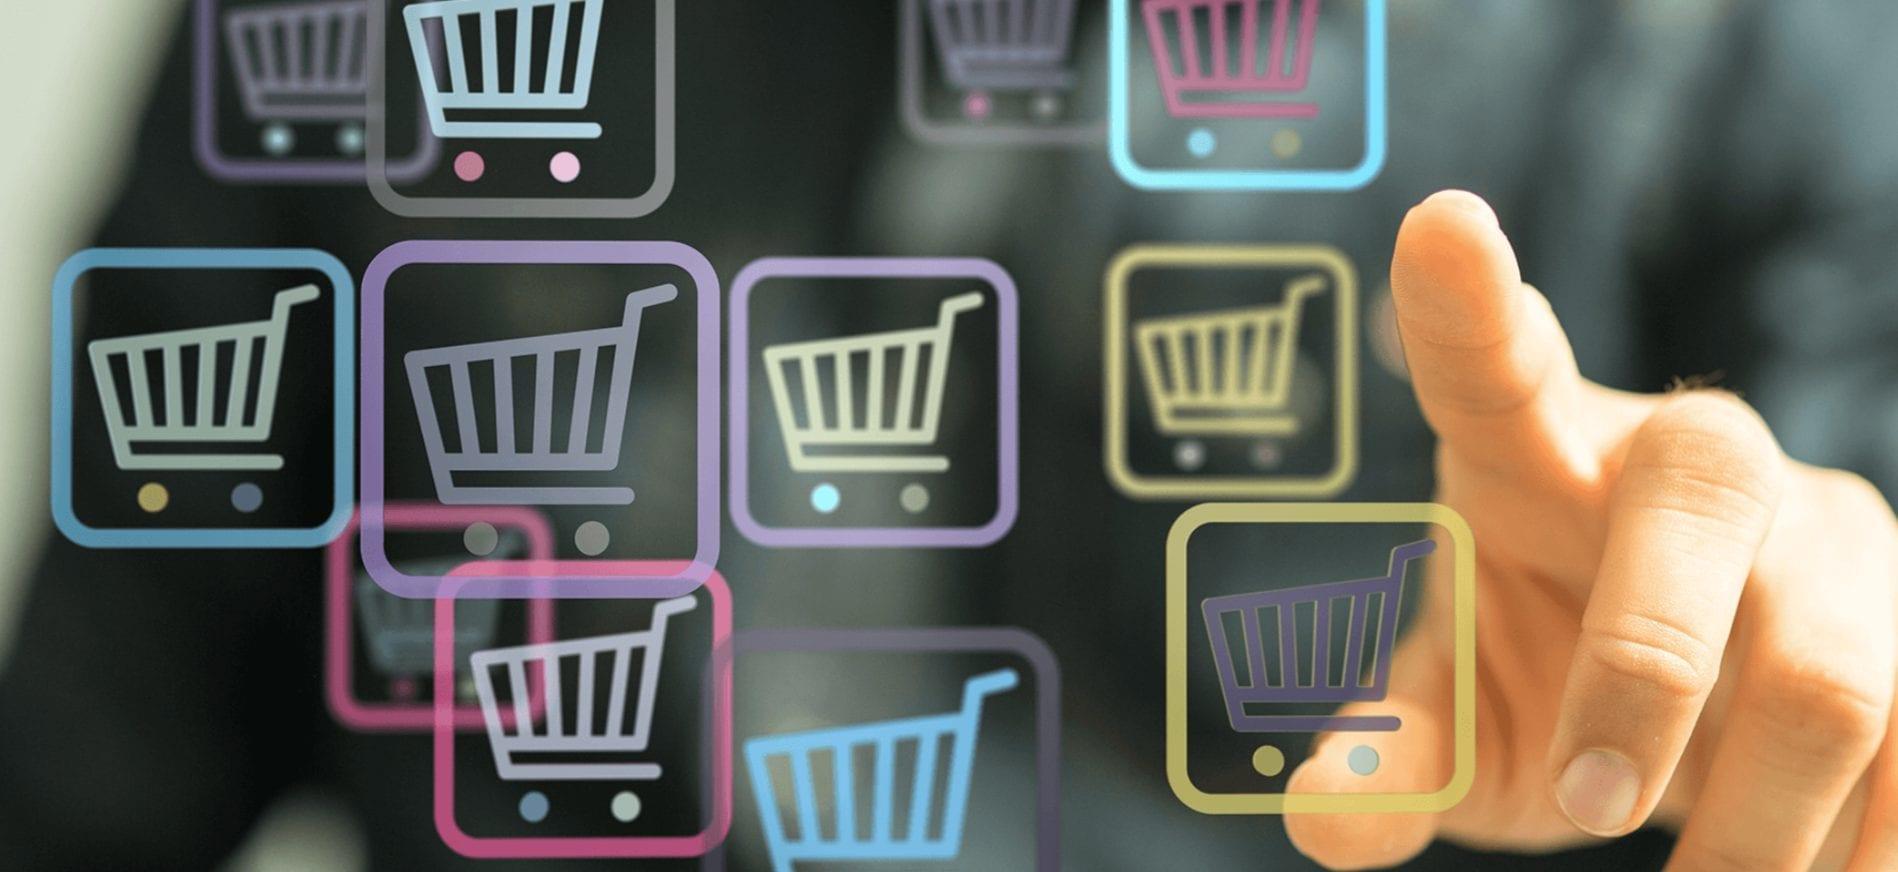 أهمية التجارة الإلكترونية وفوائدها